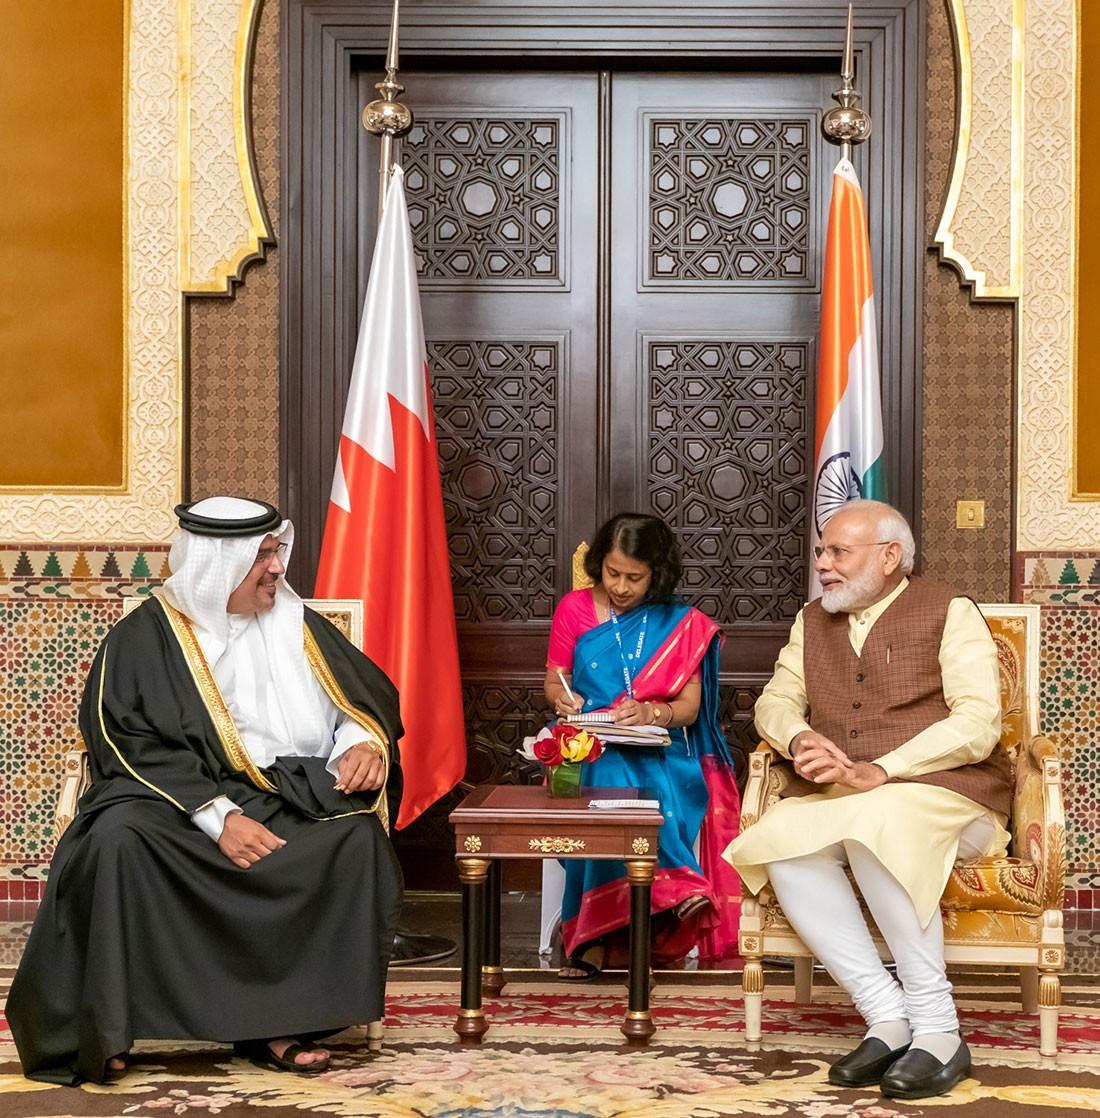 سمو ولي العهد يؤكد الحرص على مواصلة تعزيز التعاون بين البحرين والهند على كافة المستويات